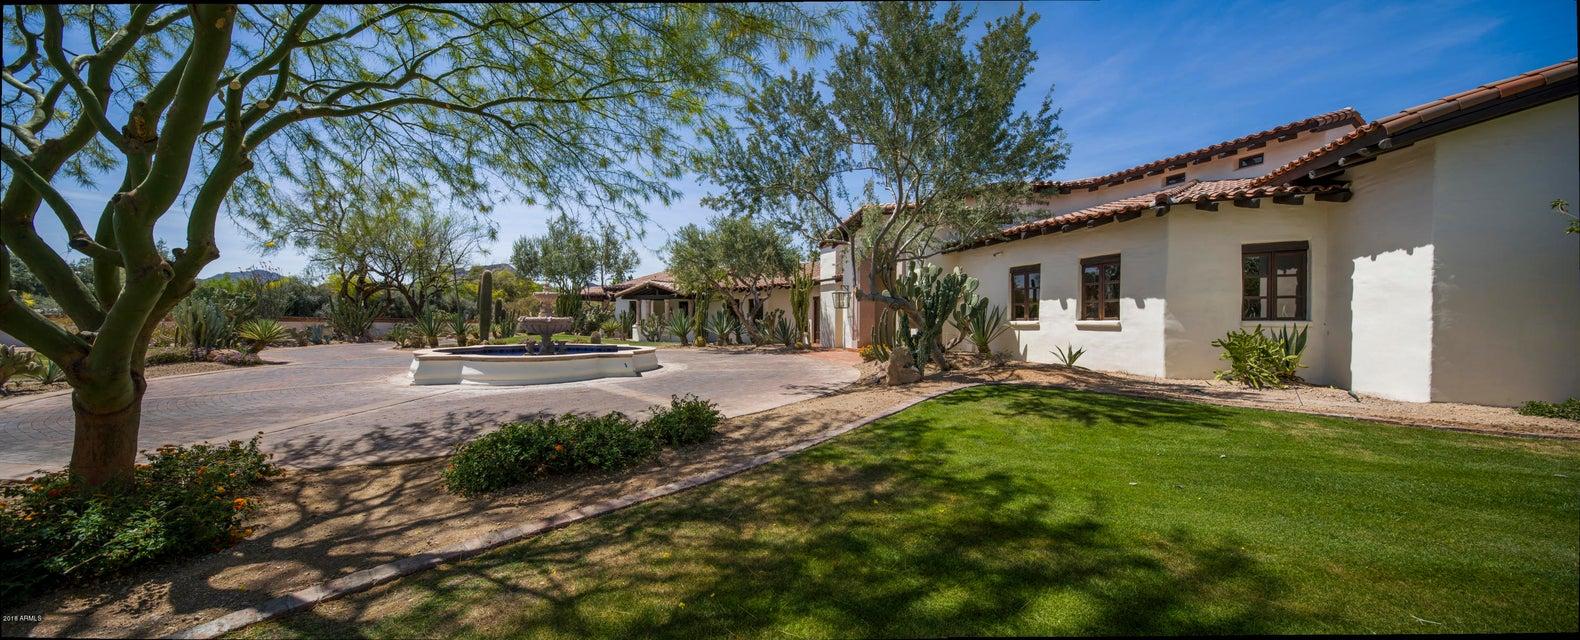 MLS 5749630 9024 N KOBER Road, Paradise Valley, AZ 85253 Paradise Valley AZ Tennis Court